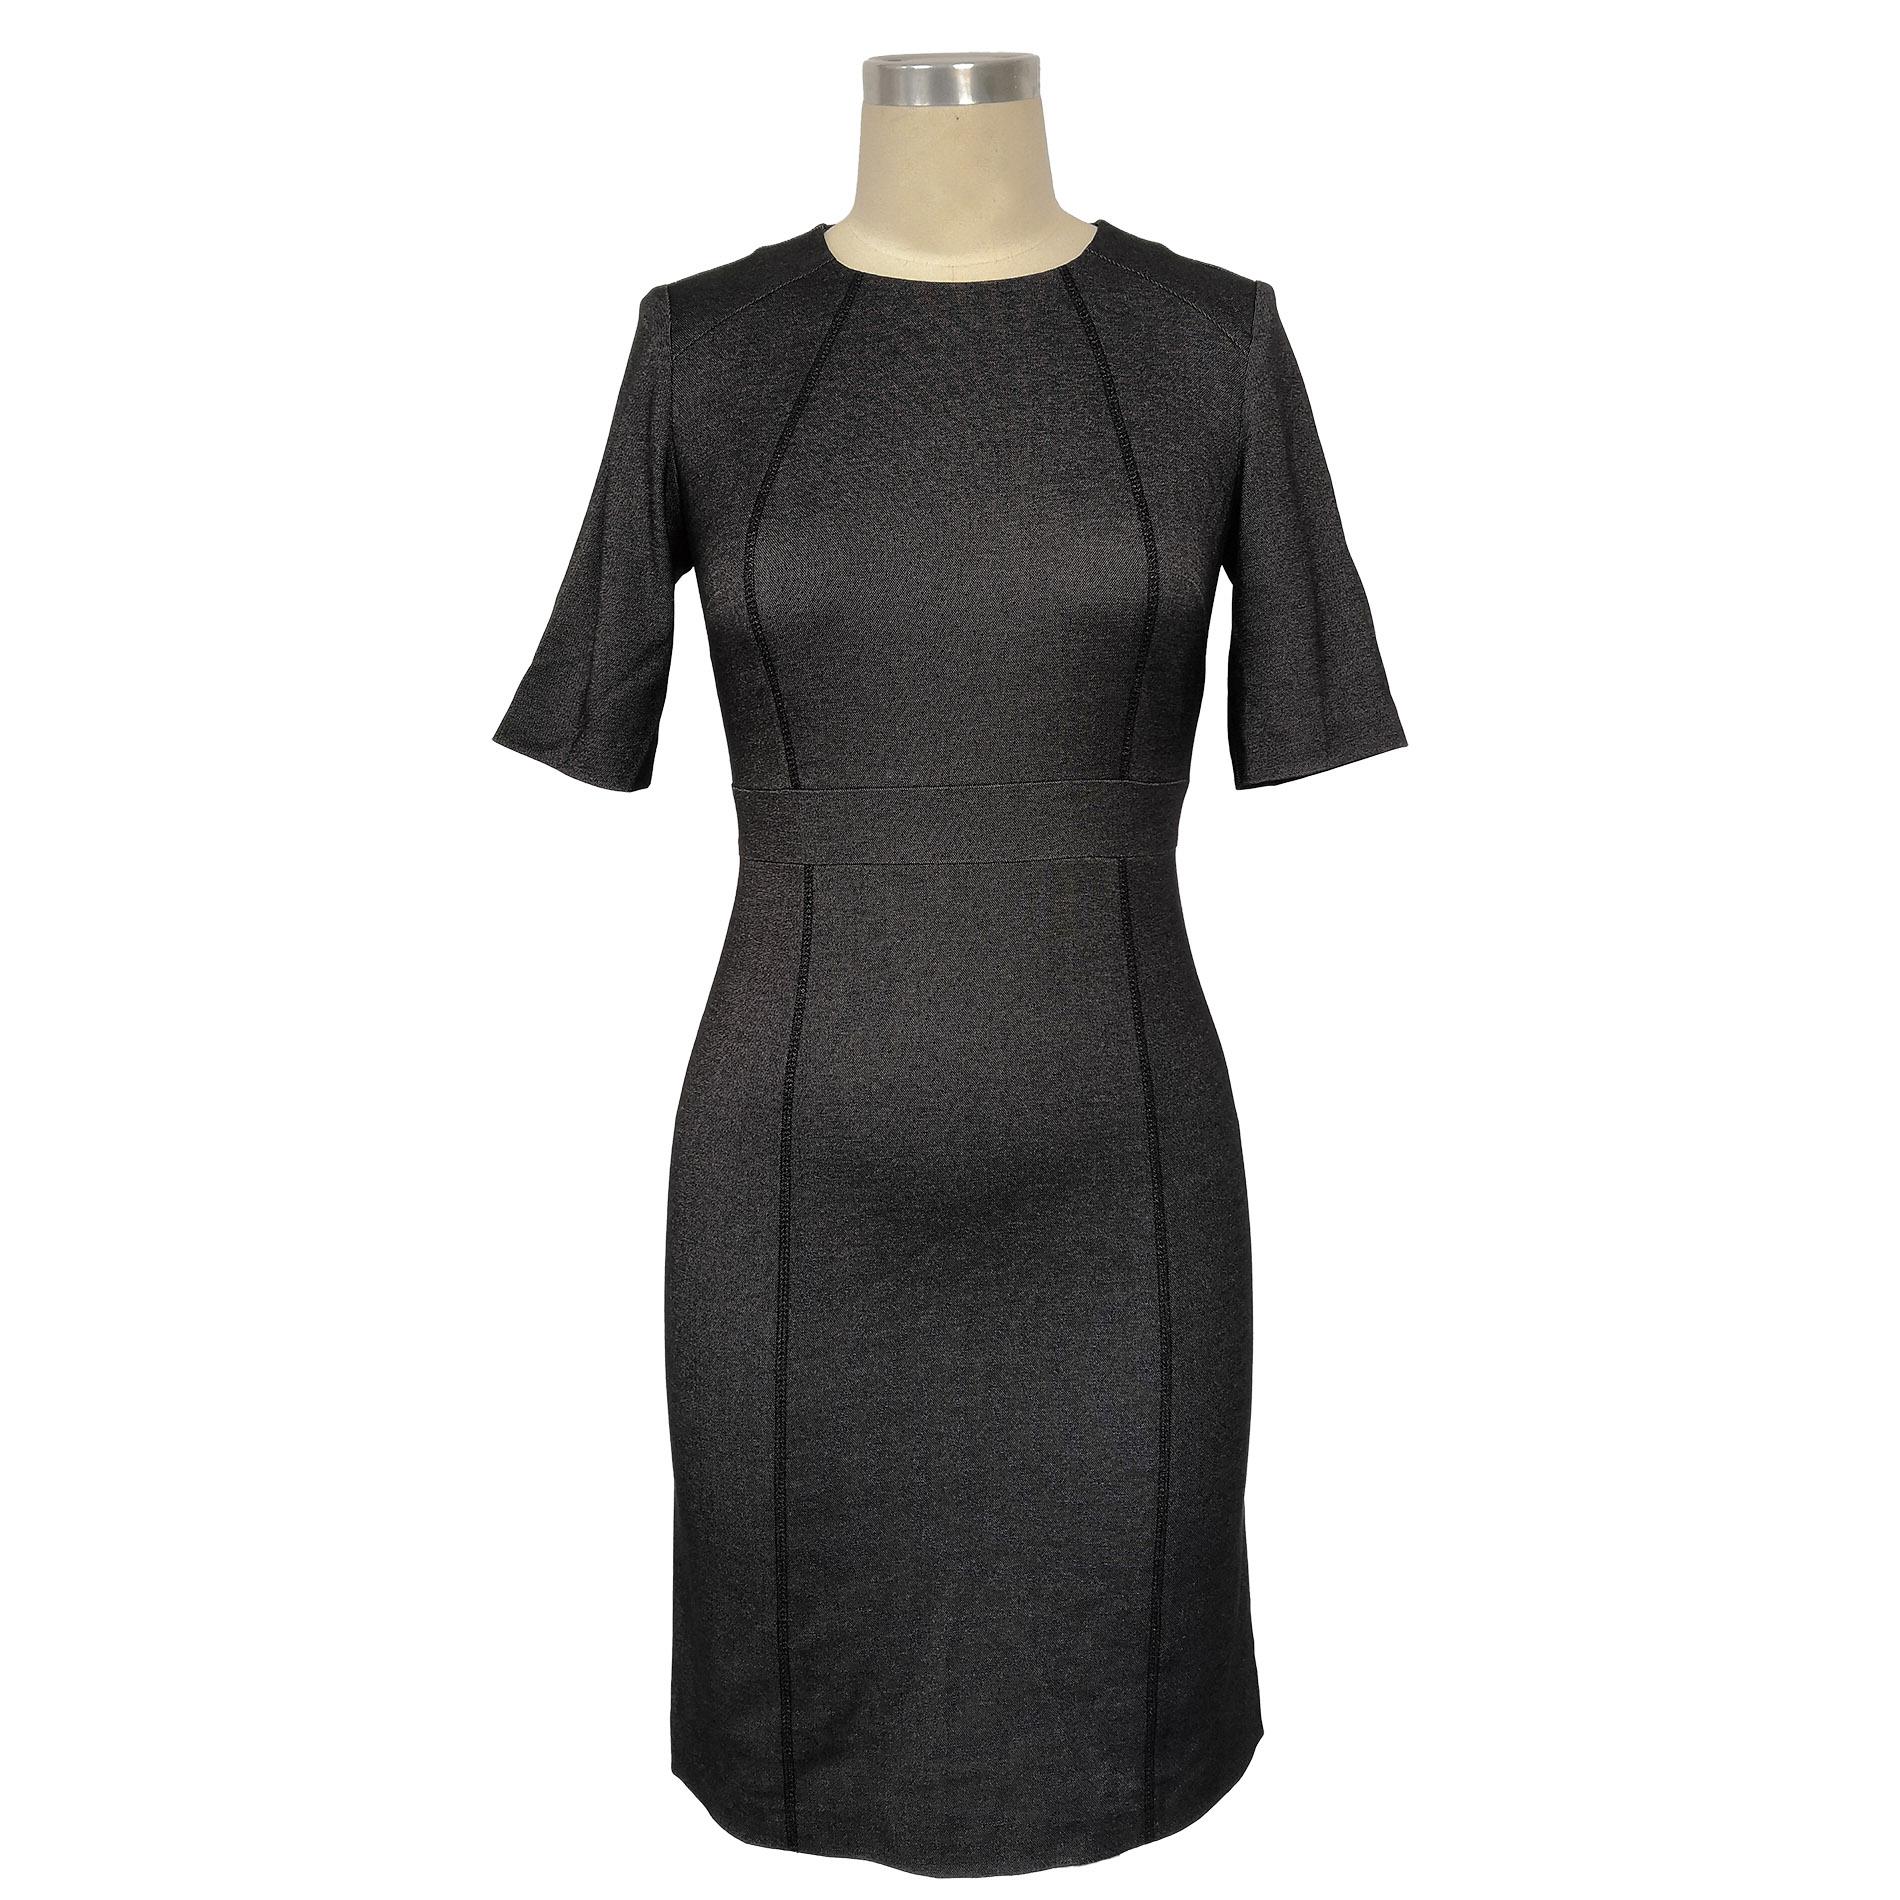 Skinny grey dress